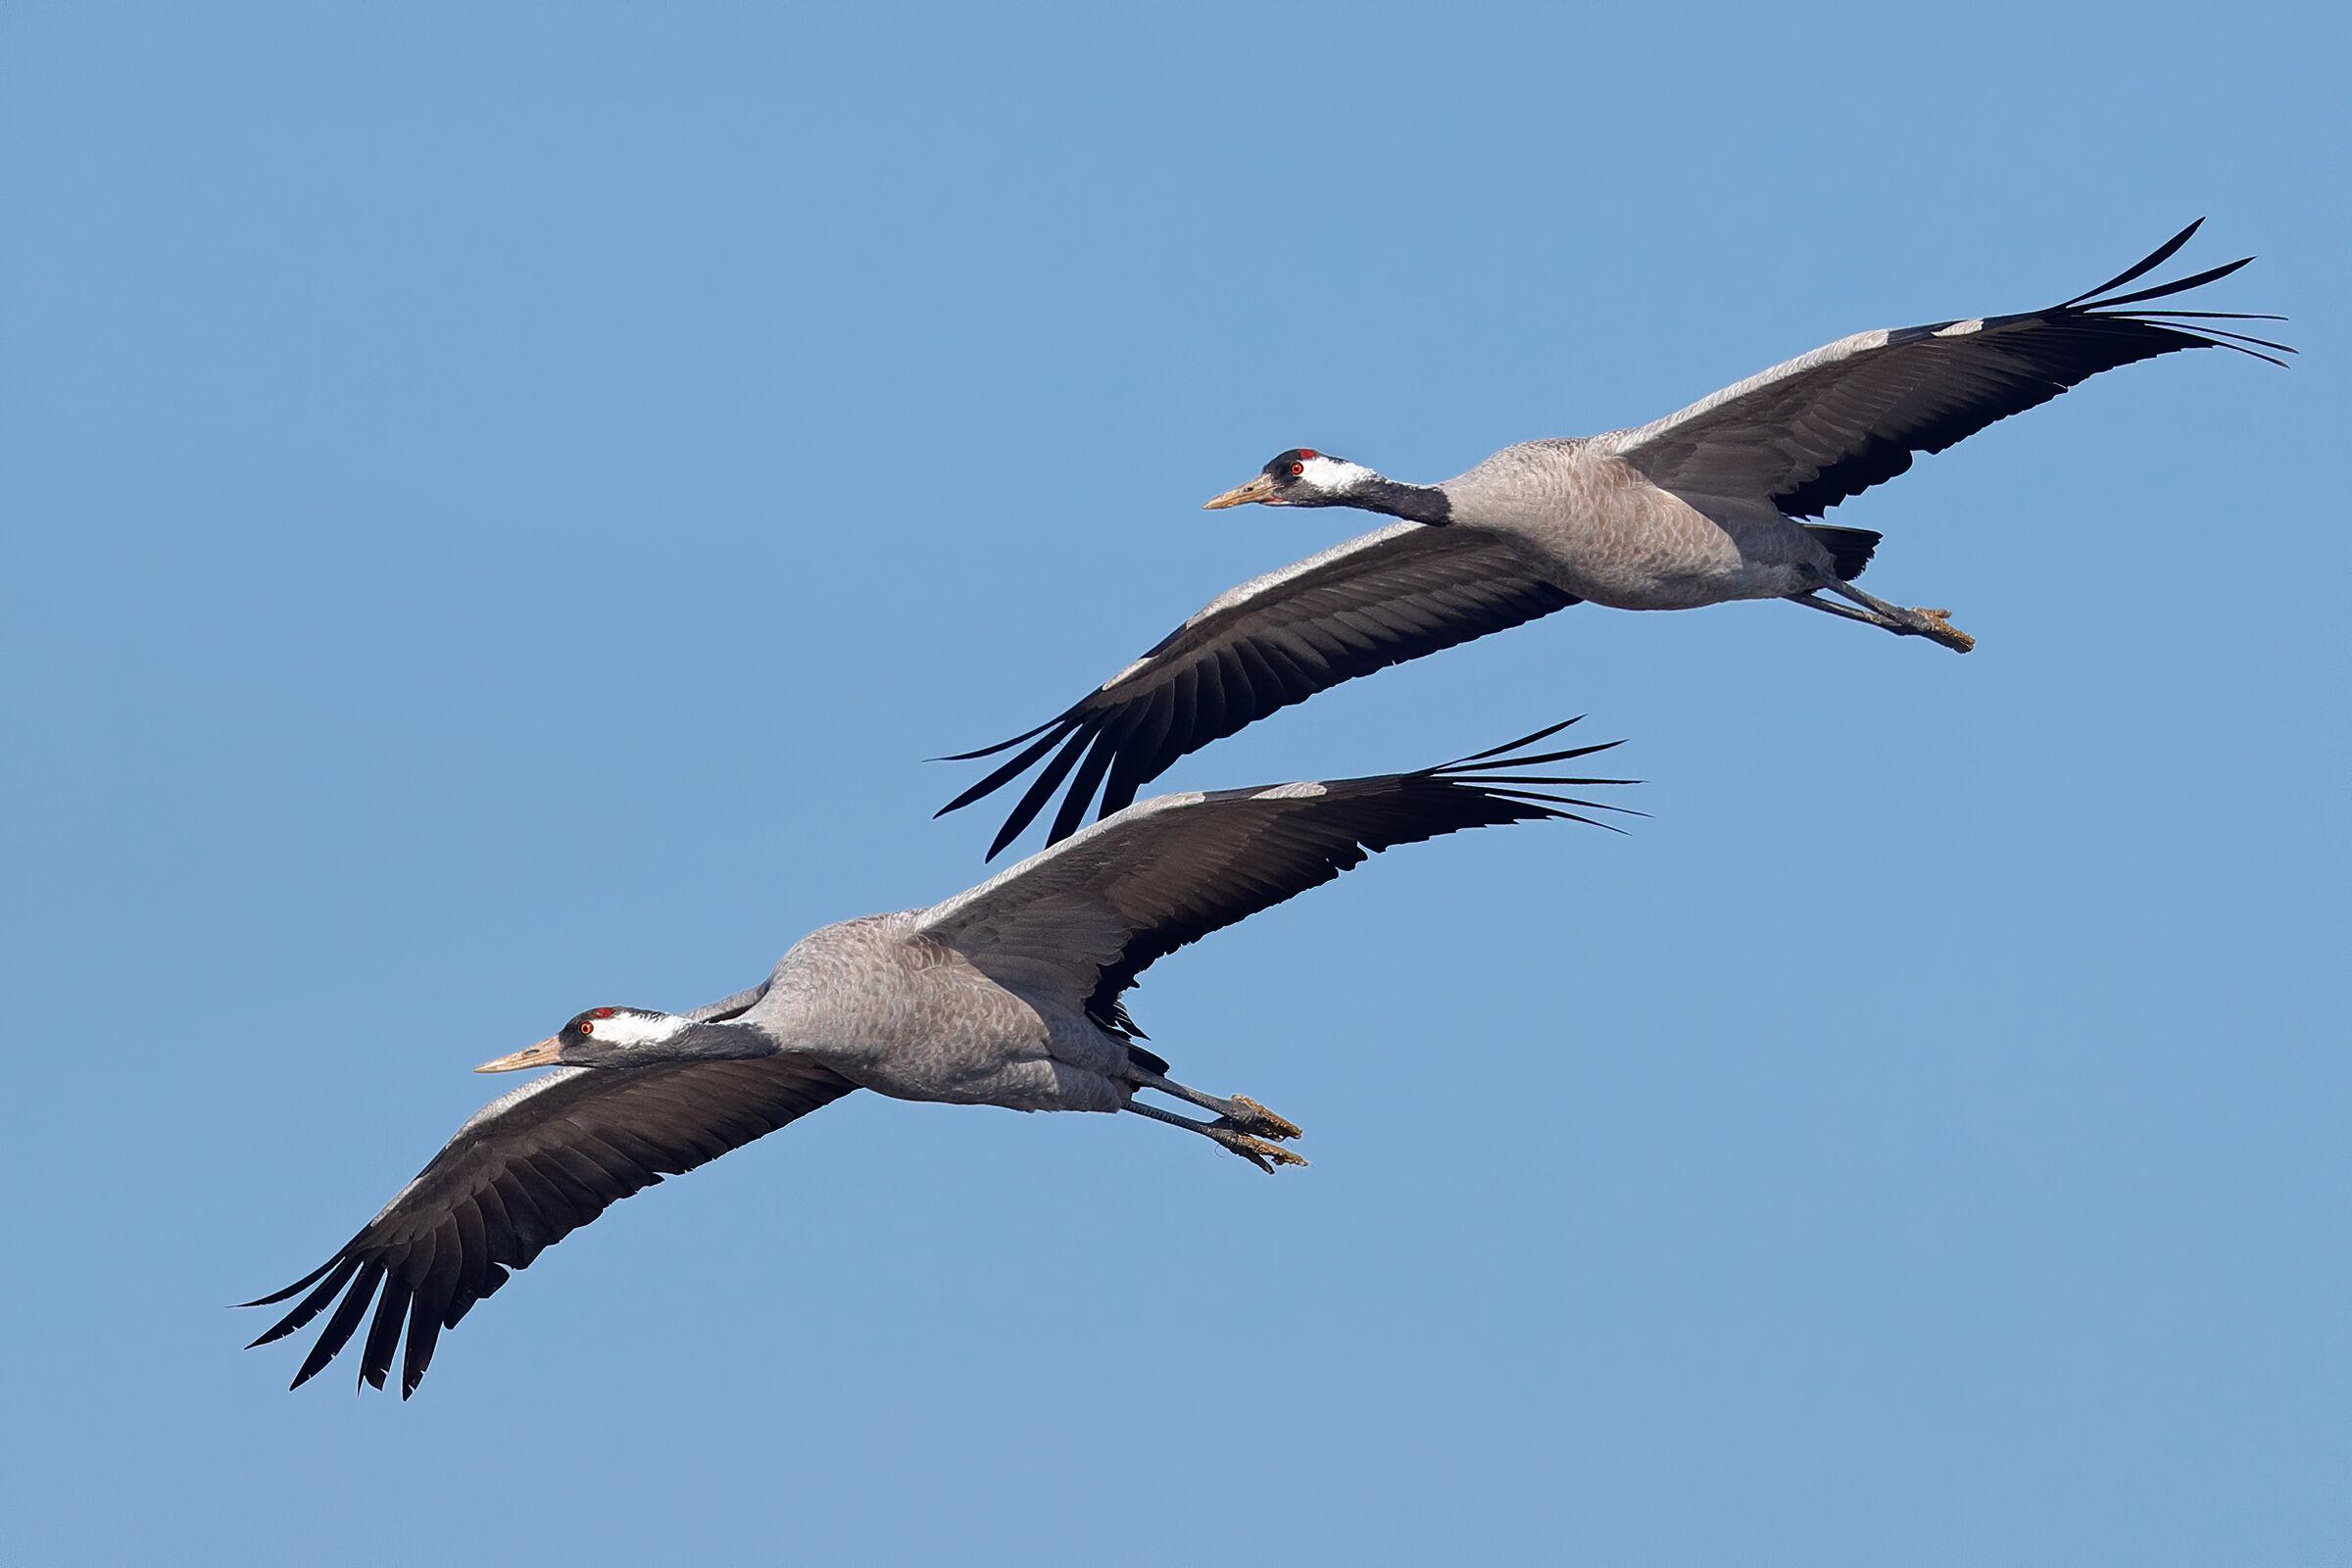 Ash cranes...